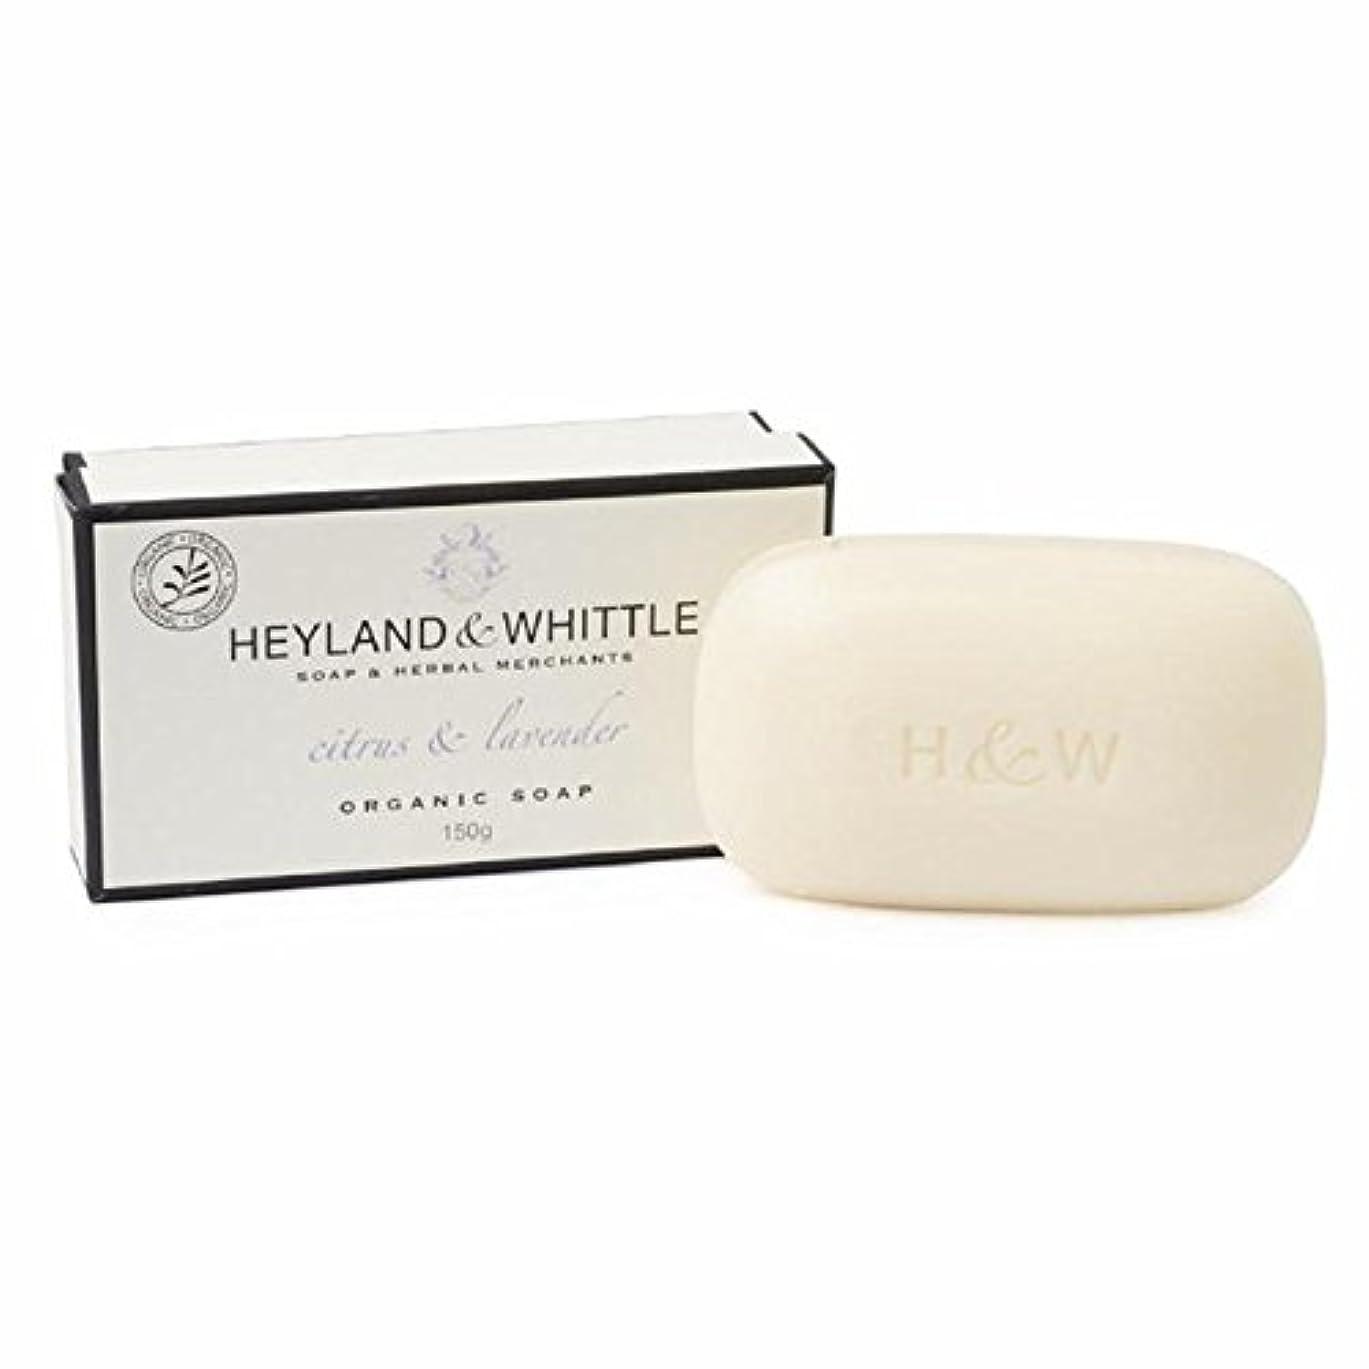 検出可能普及社会主義&削るシトラス&ラベンダーは、有機石鹸150グラム箱入り x2 - Heyland & Whittle Citrus & Lavender Boxed Organic Soap 150g (Pack of 2) [並行輸入品]